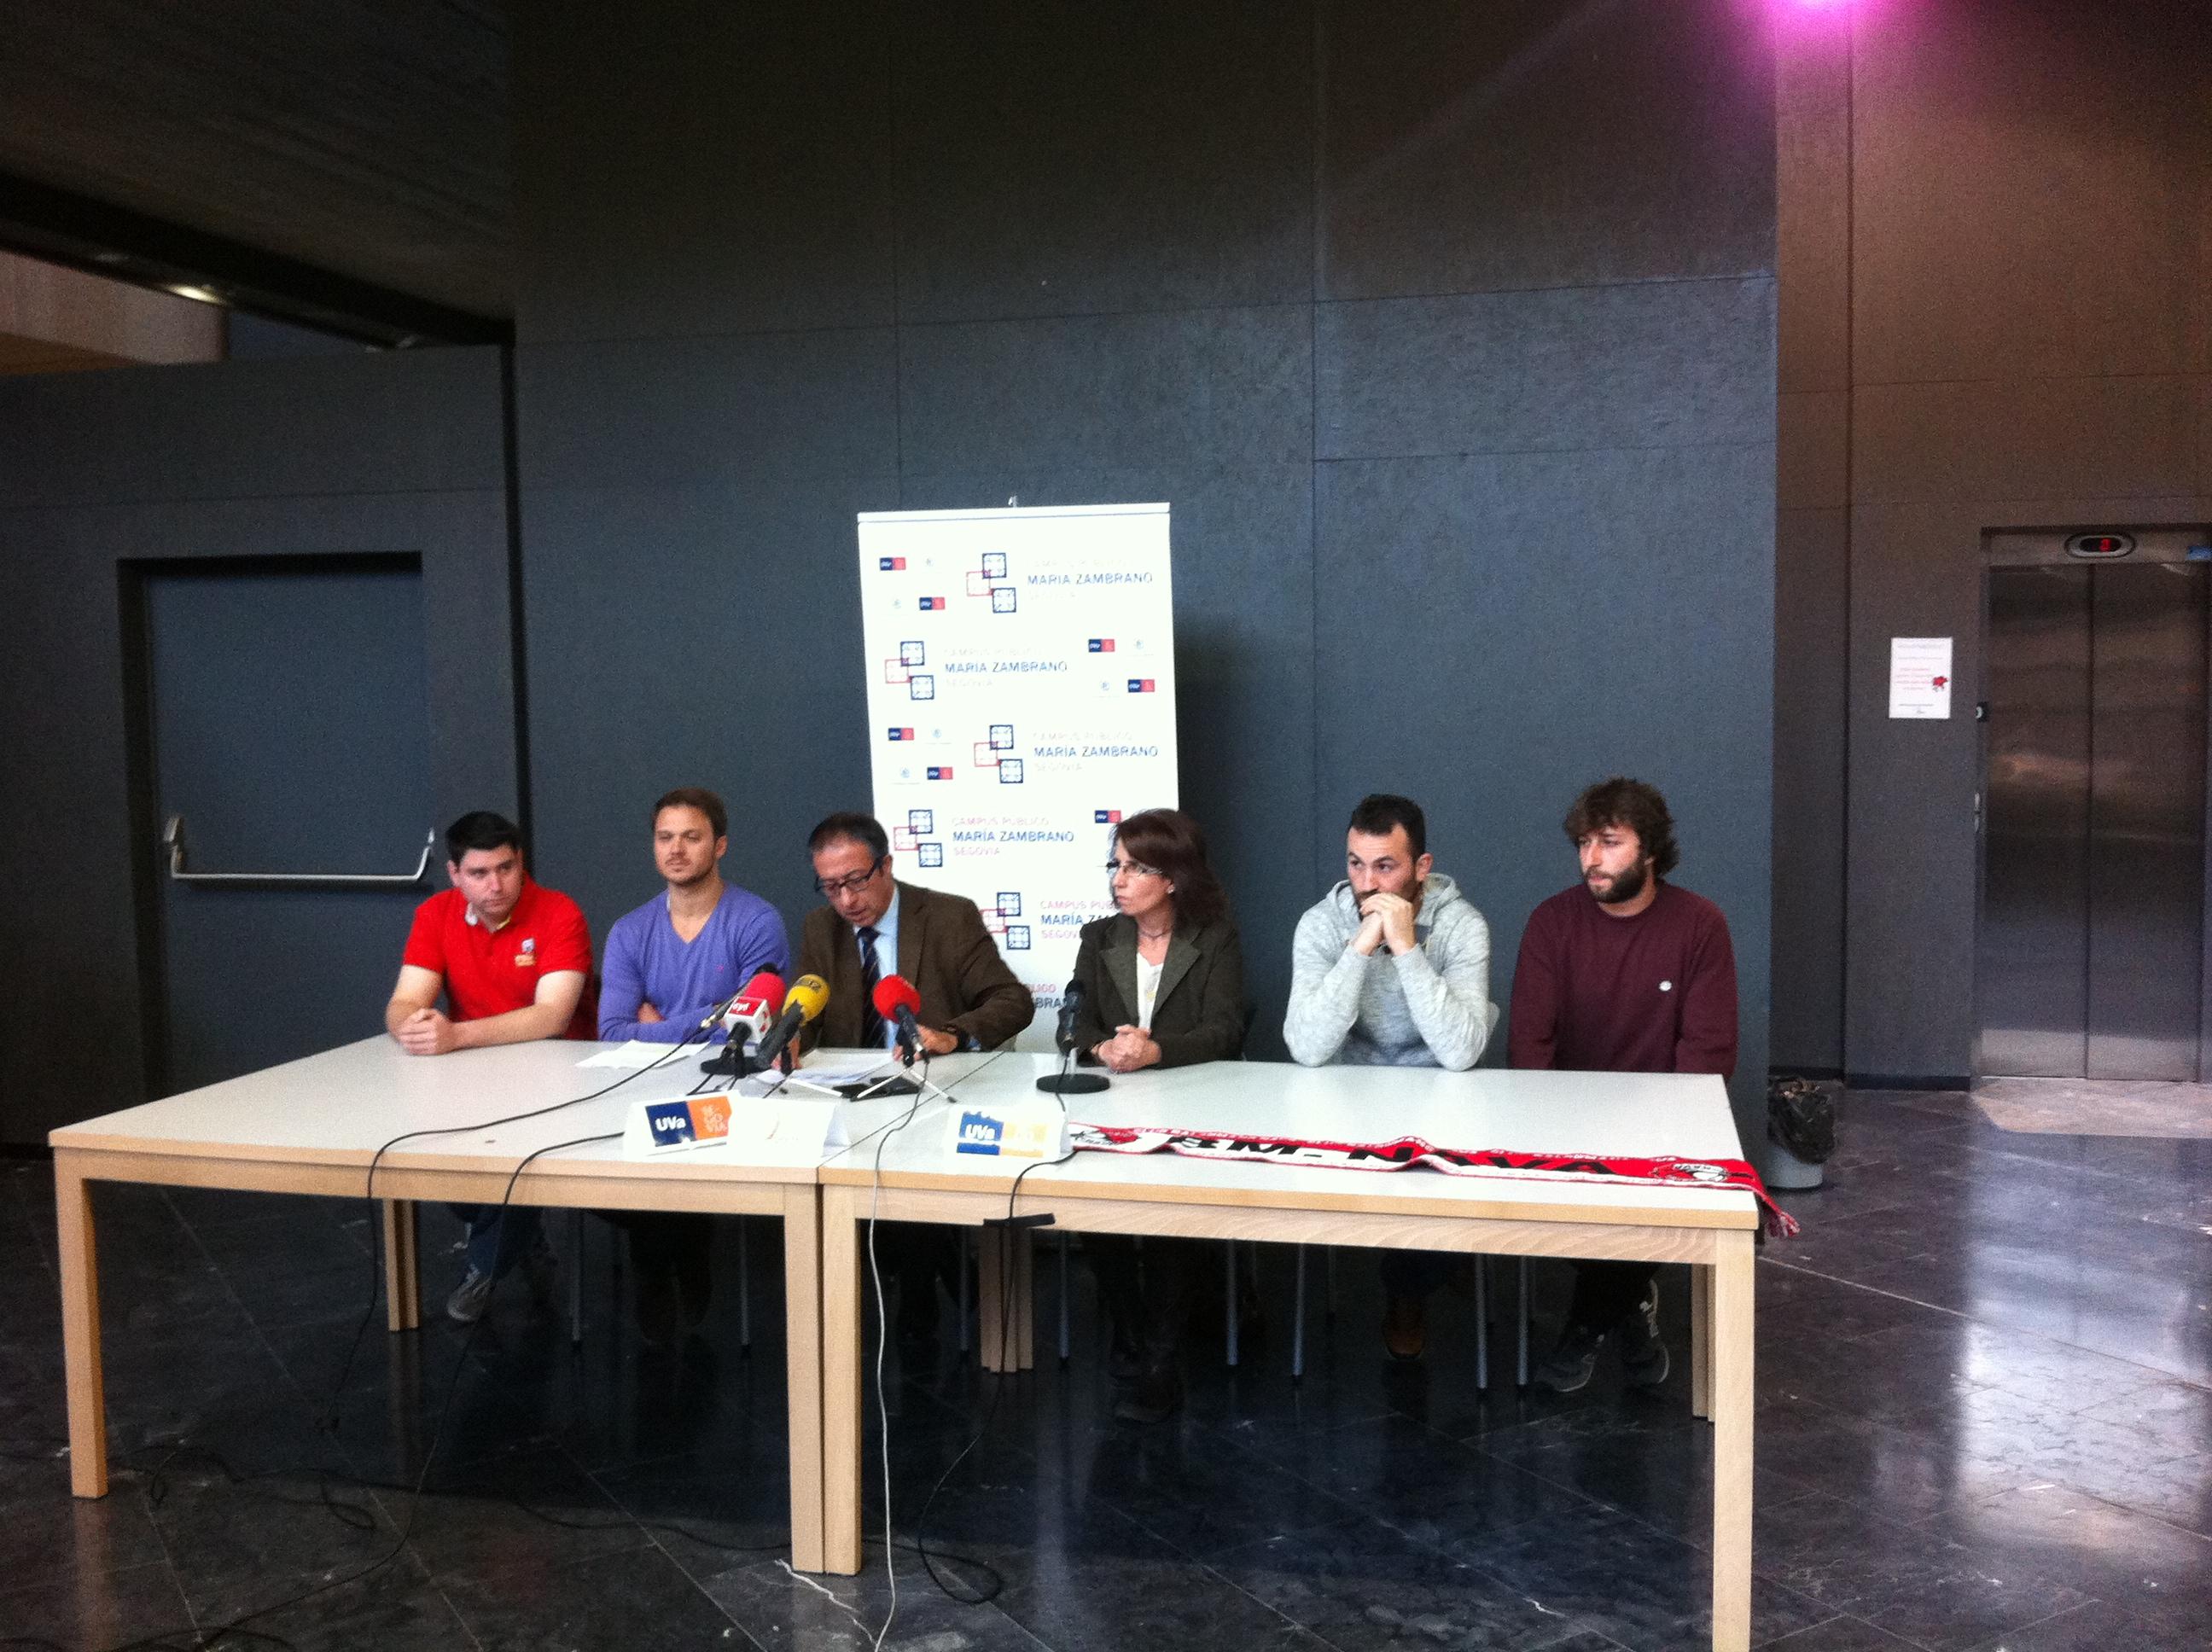 La Universidad de Valladolid, en colaboración con el IMD y el Club Balonmano Nava, crea una Escuela de Balonmano